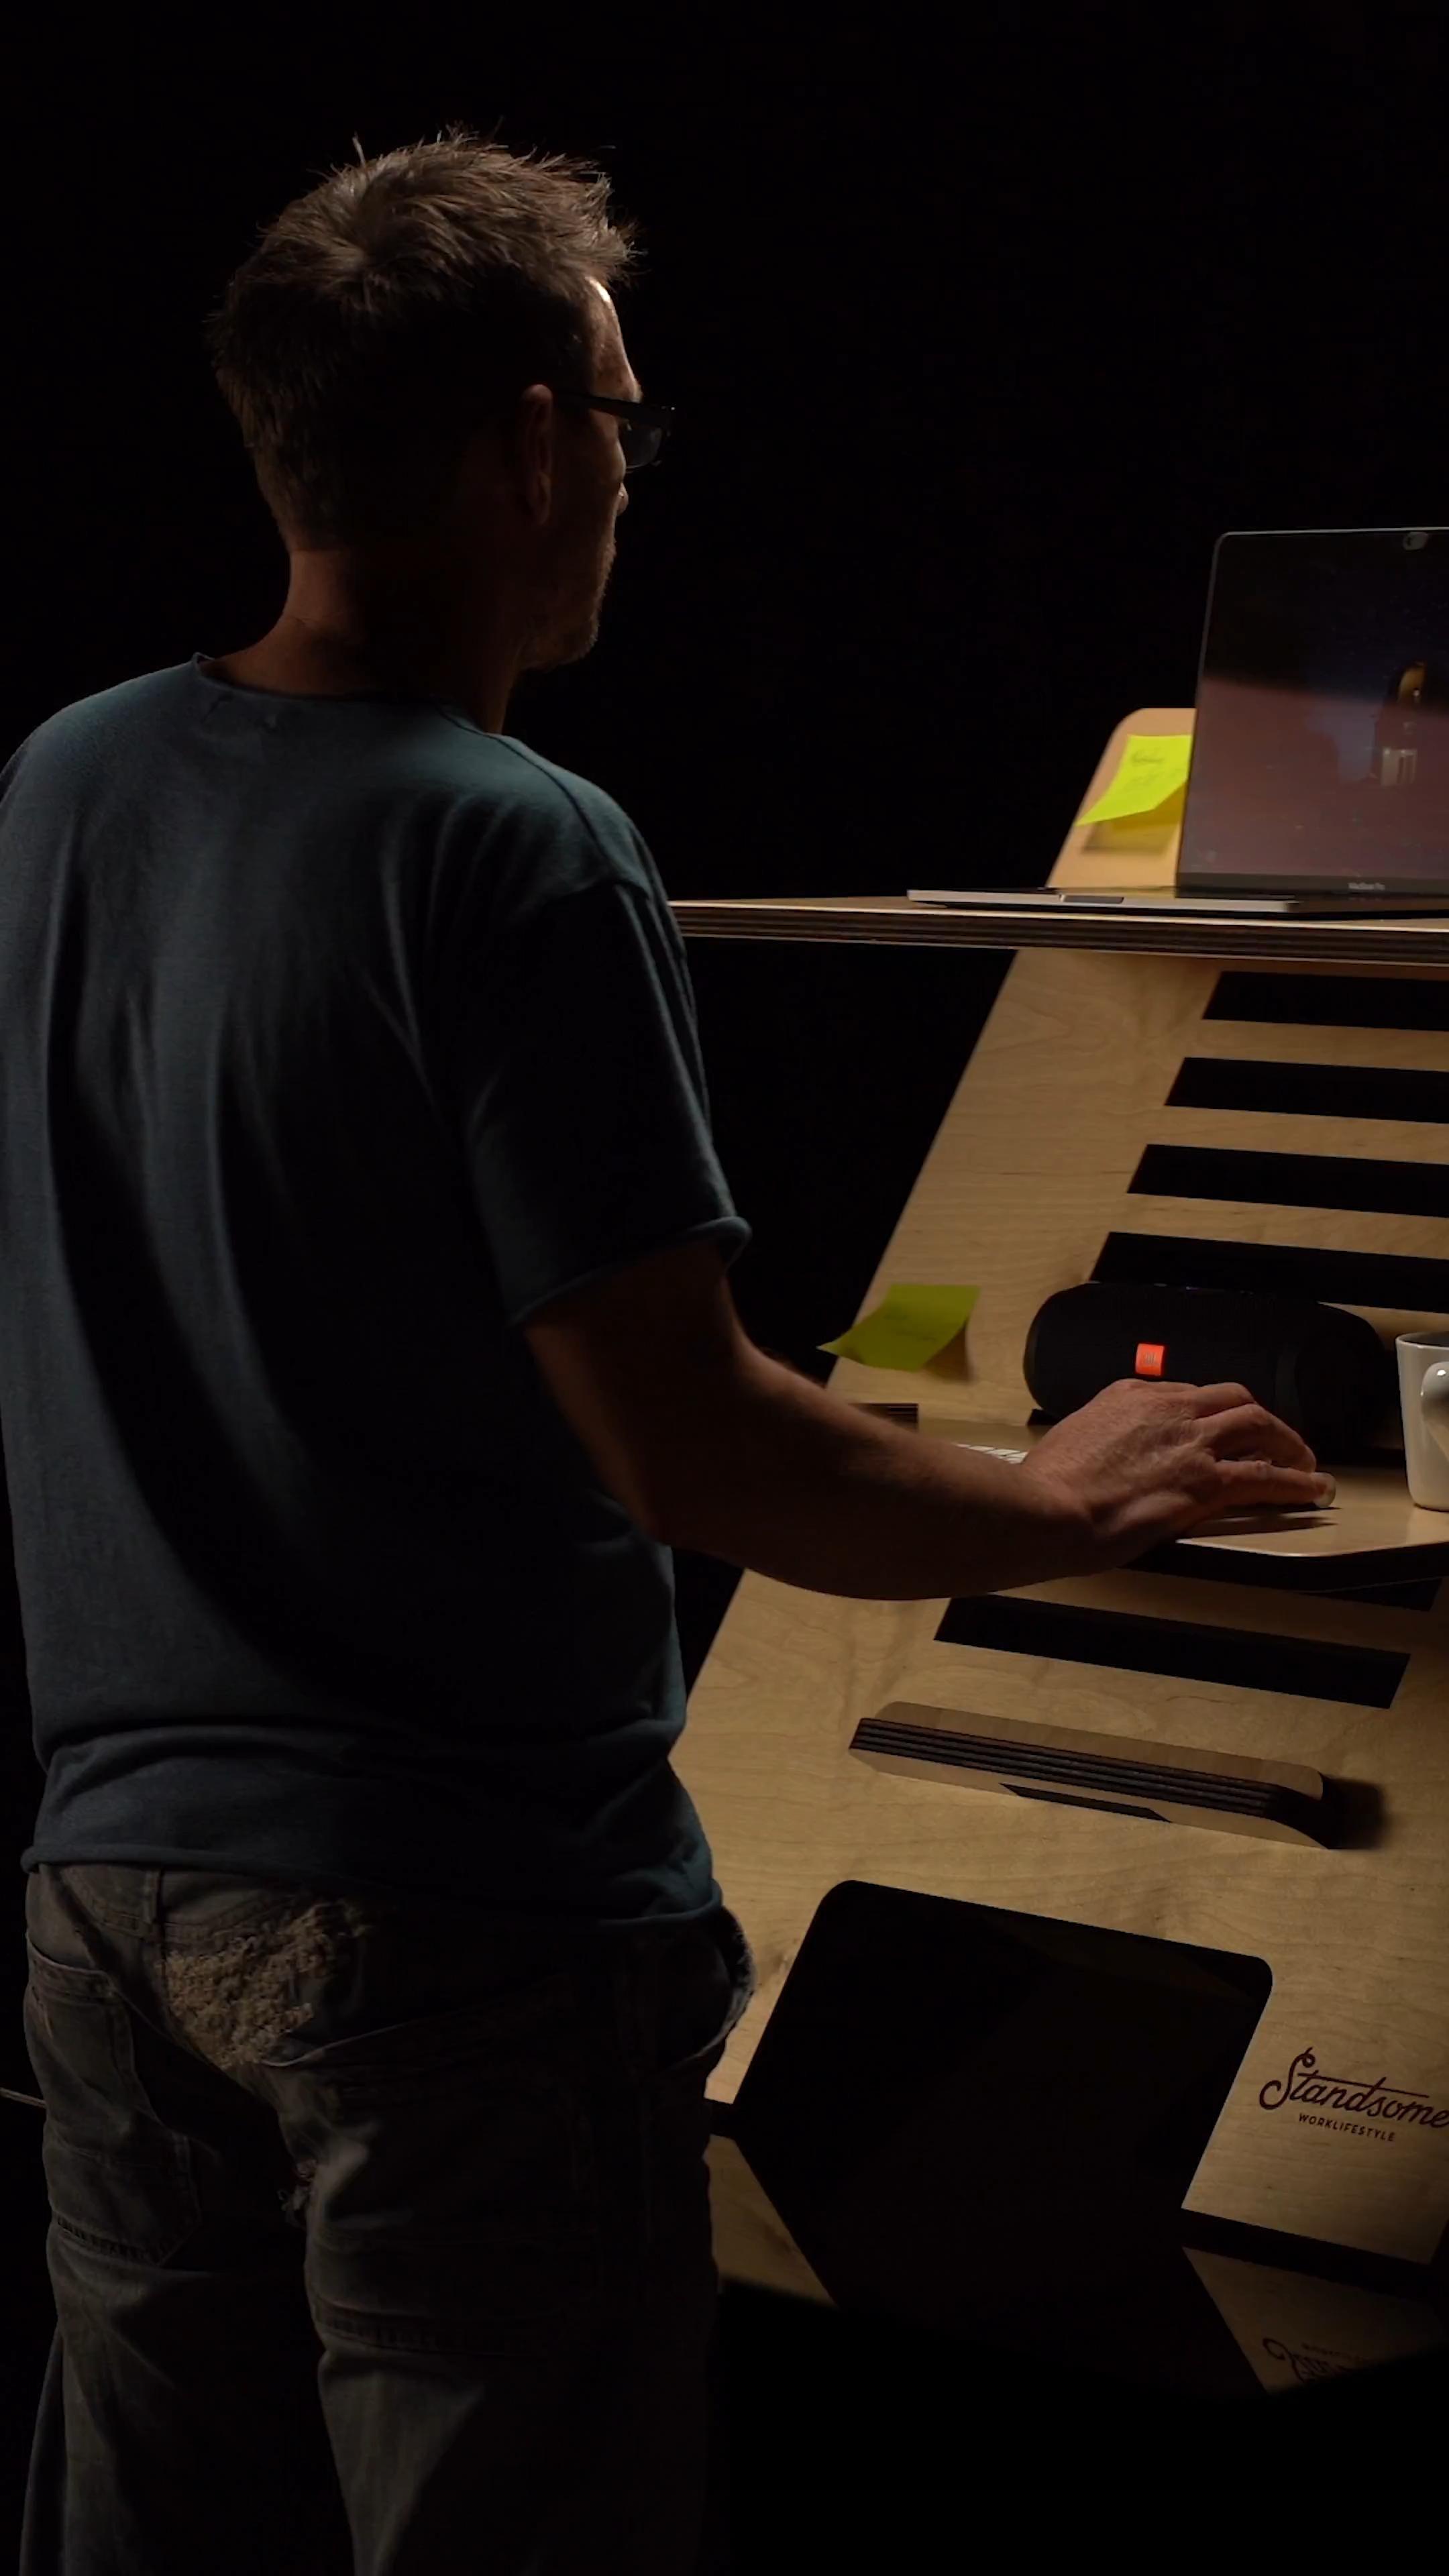 Standsome Worklifestyle Video In 2020 Stehschreibtisch Diy Mobel Einfach Diy Mobel Holz